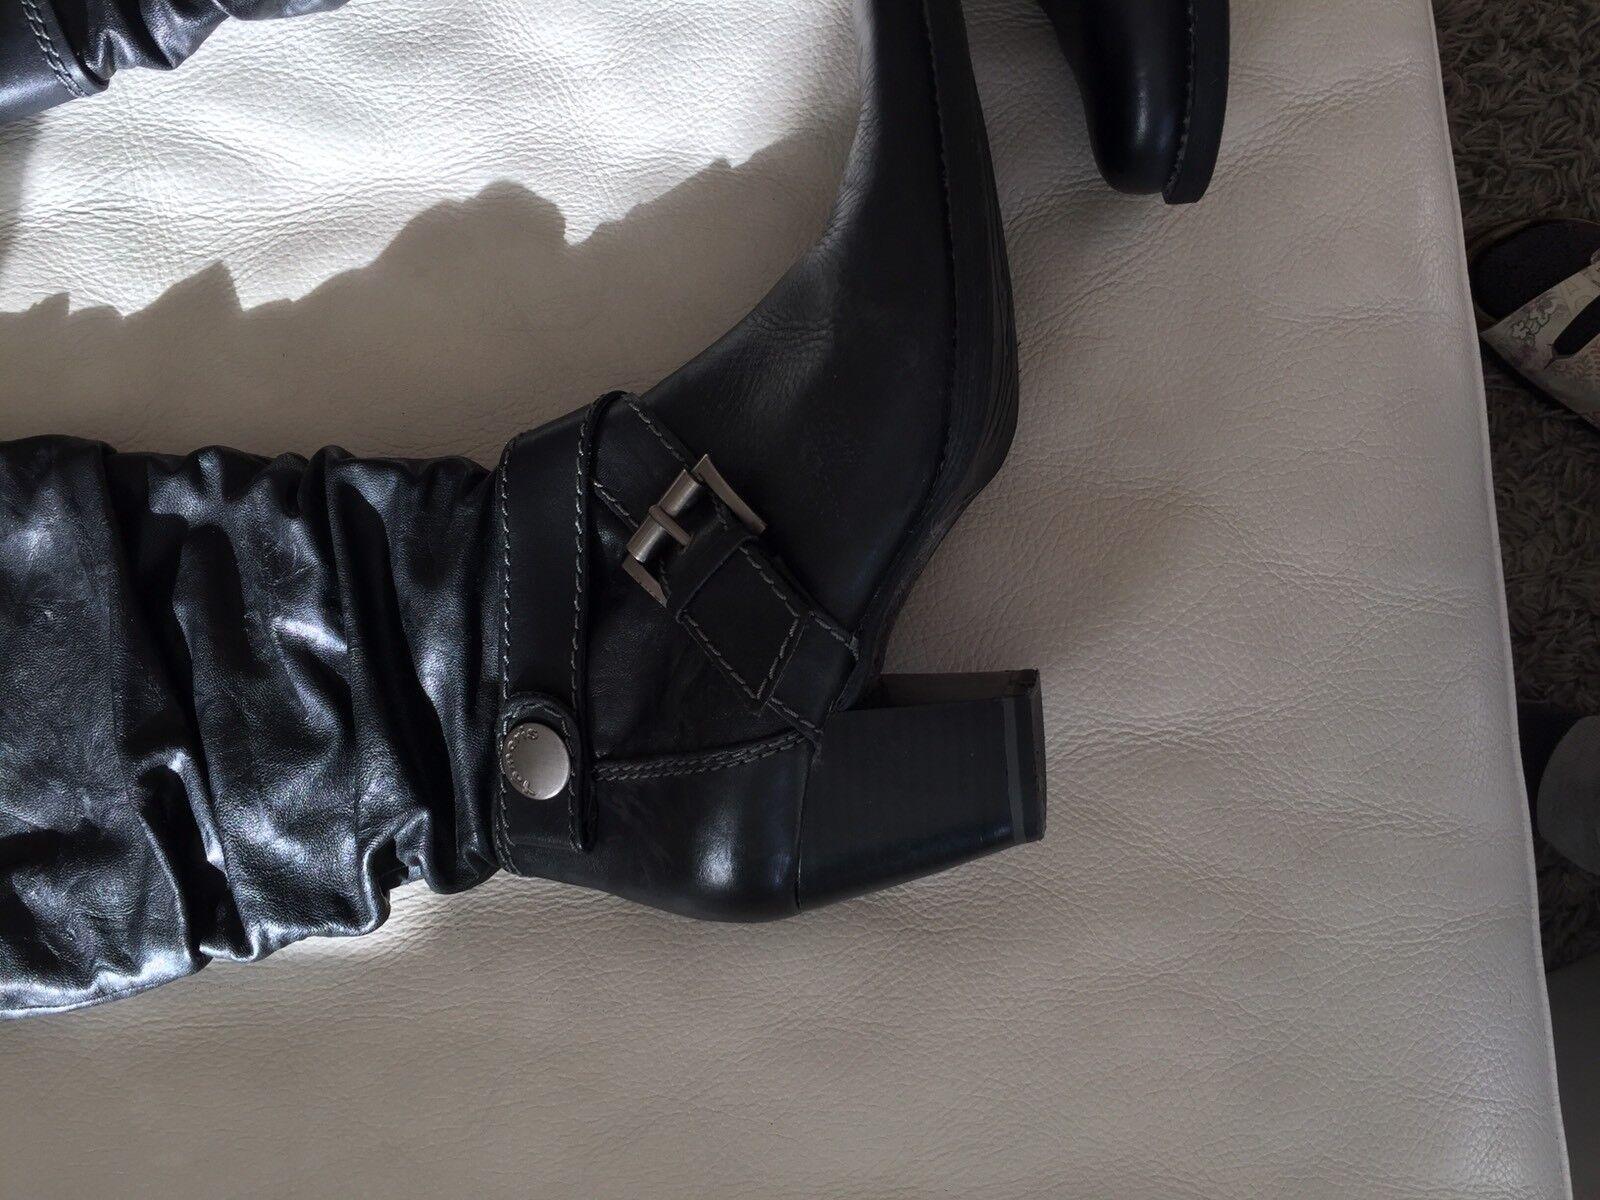 Tamaris Damen Stiefel, Stiefel, Stiefel,  Leder, Schwarz, Gr 36, Neuwertig , Absatz, 6b88b2